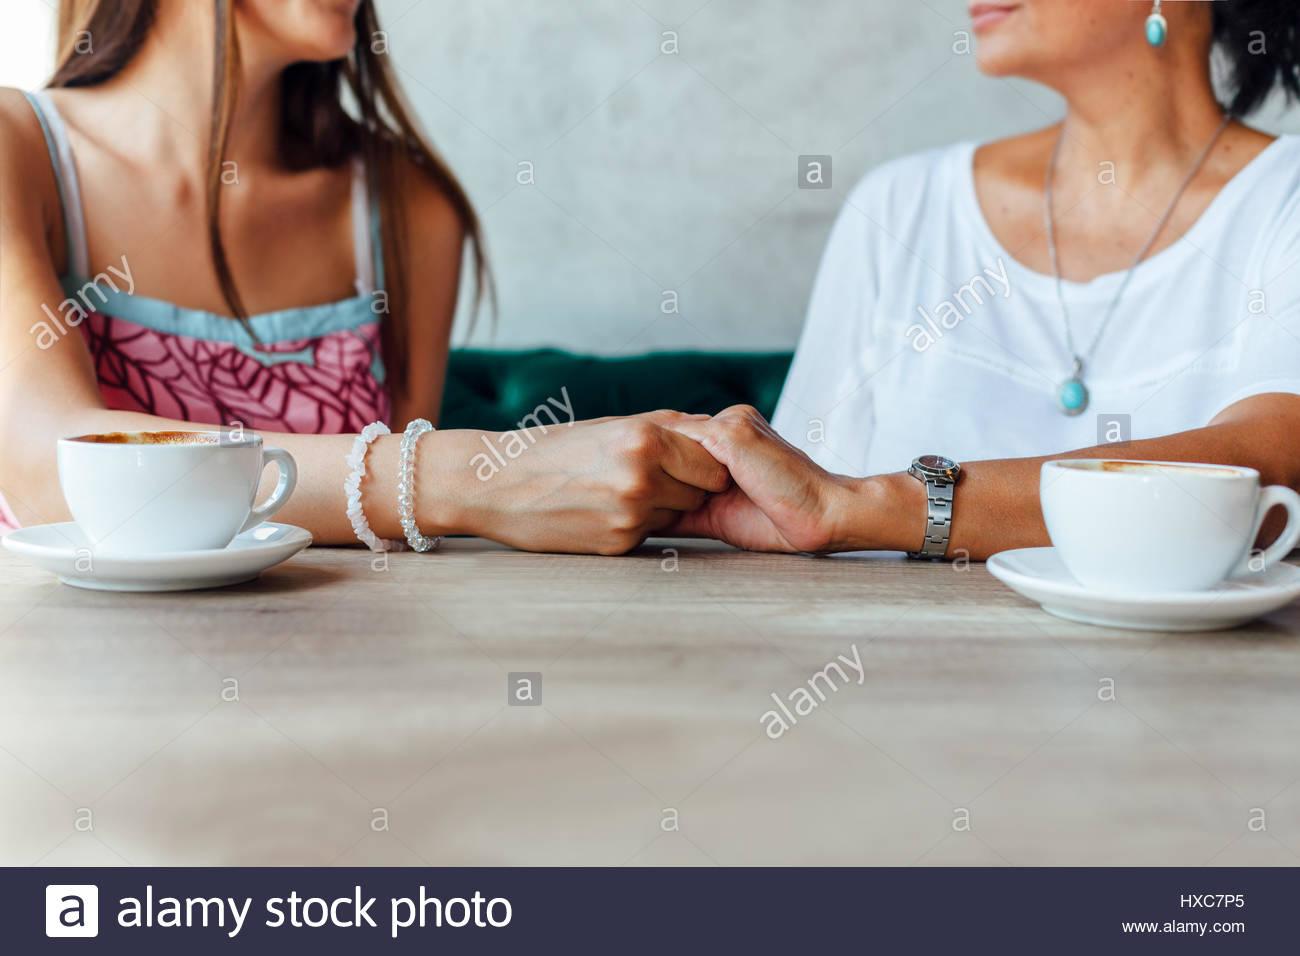 La ternura de la madre y la hija después de una taza de café en una cafetería Imagen De Stock